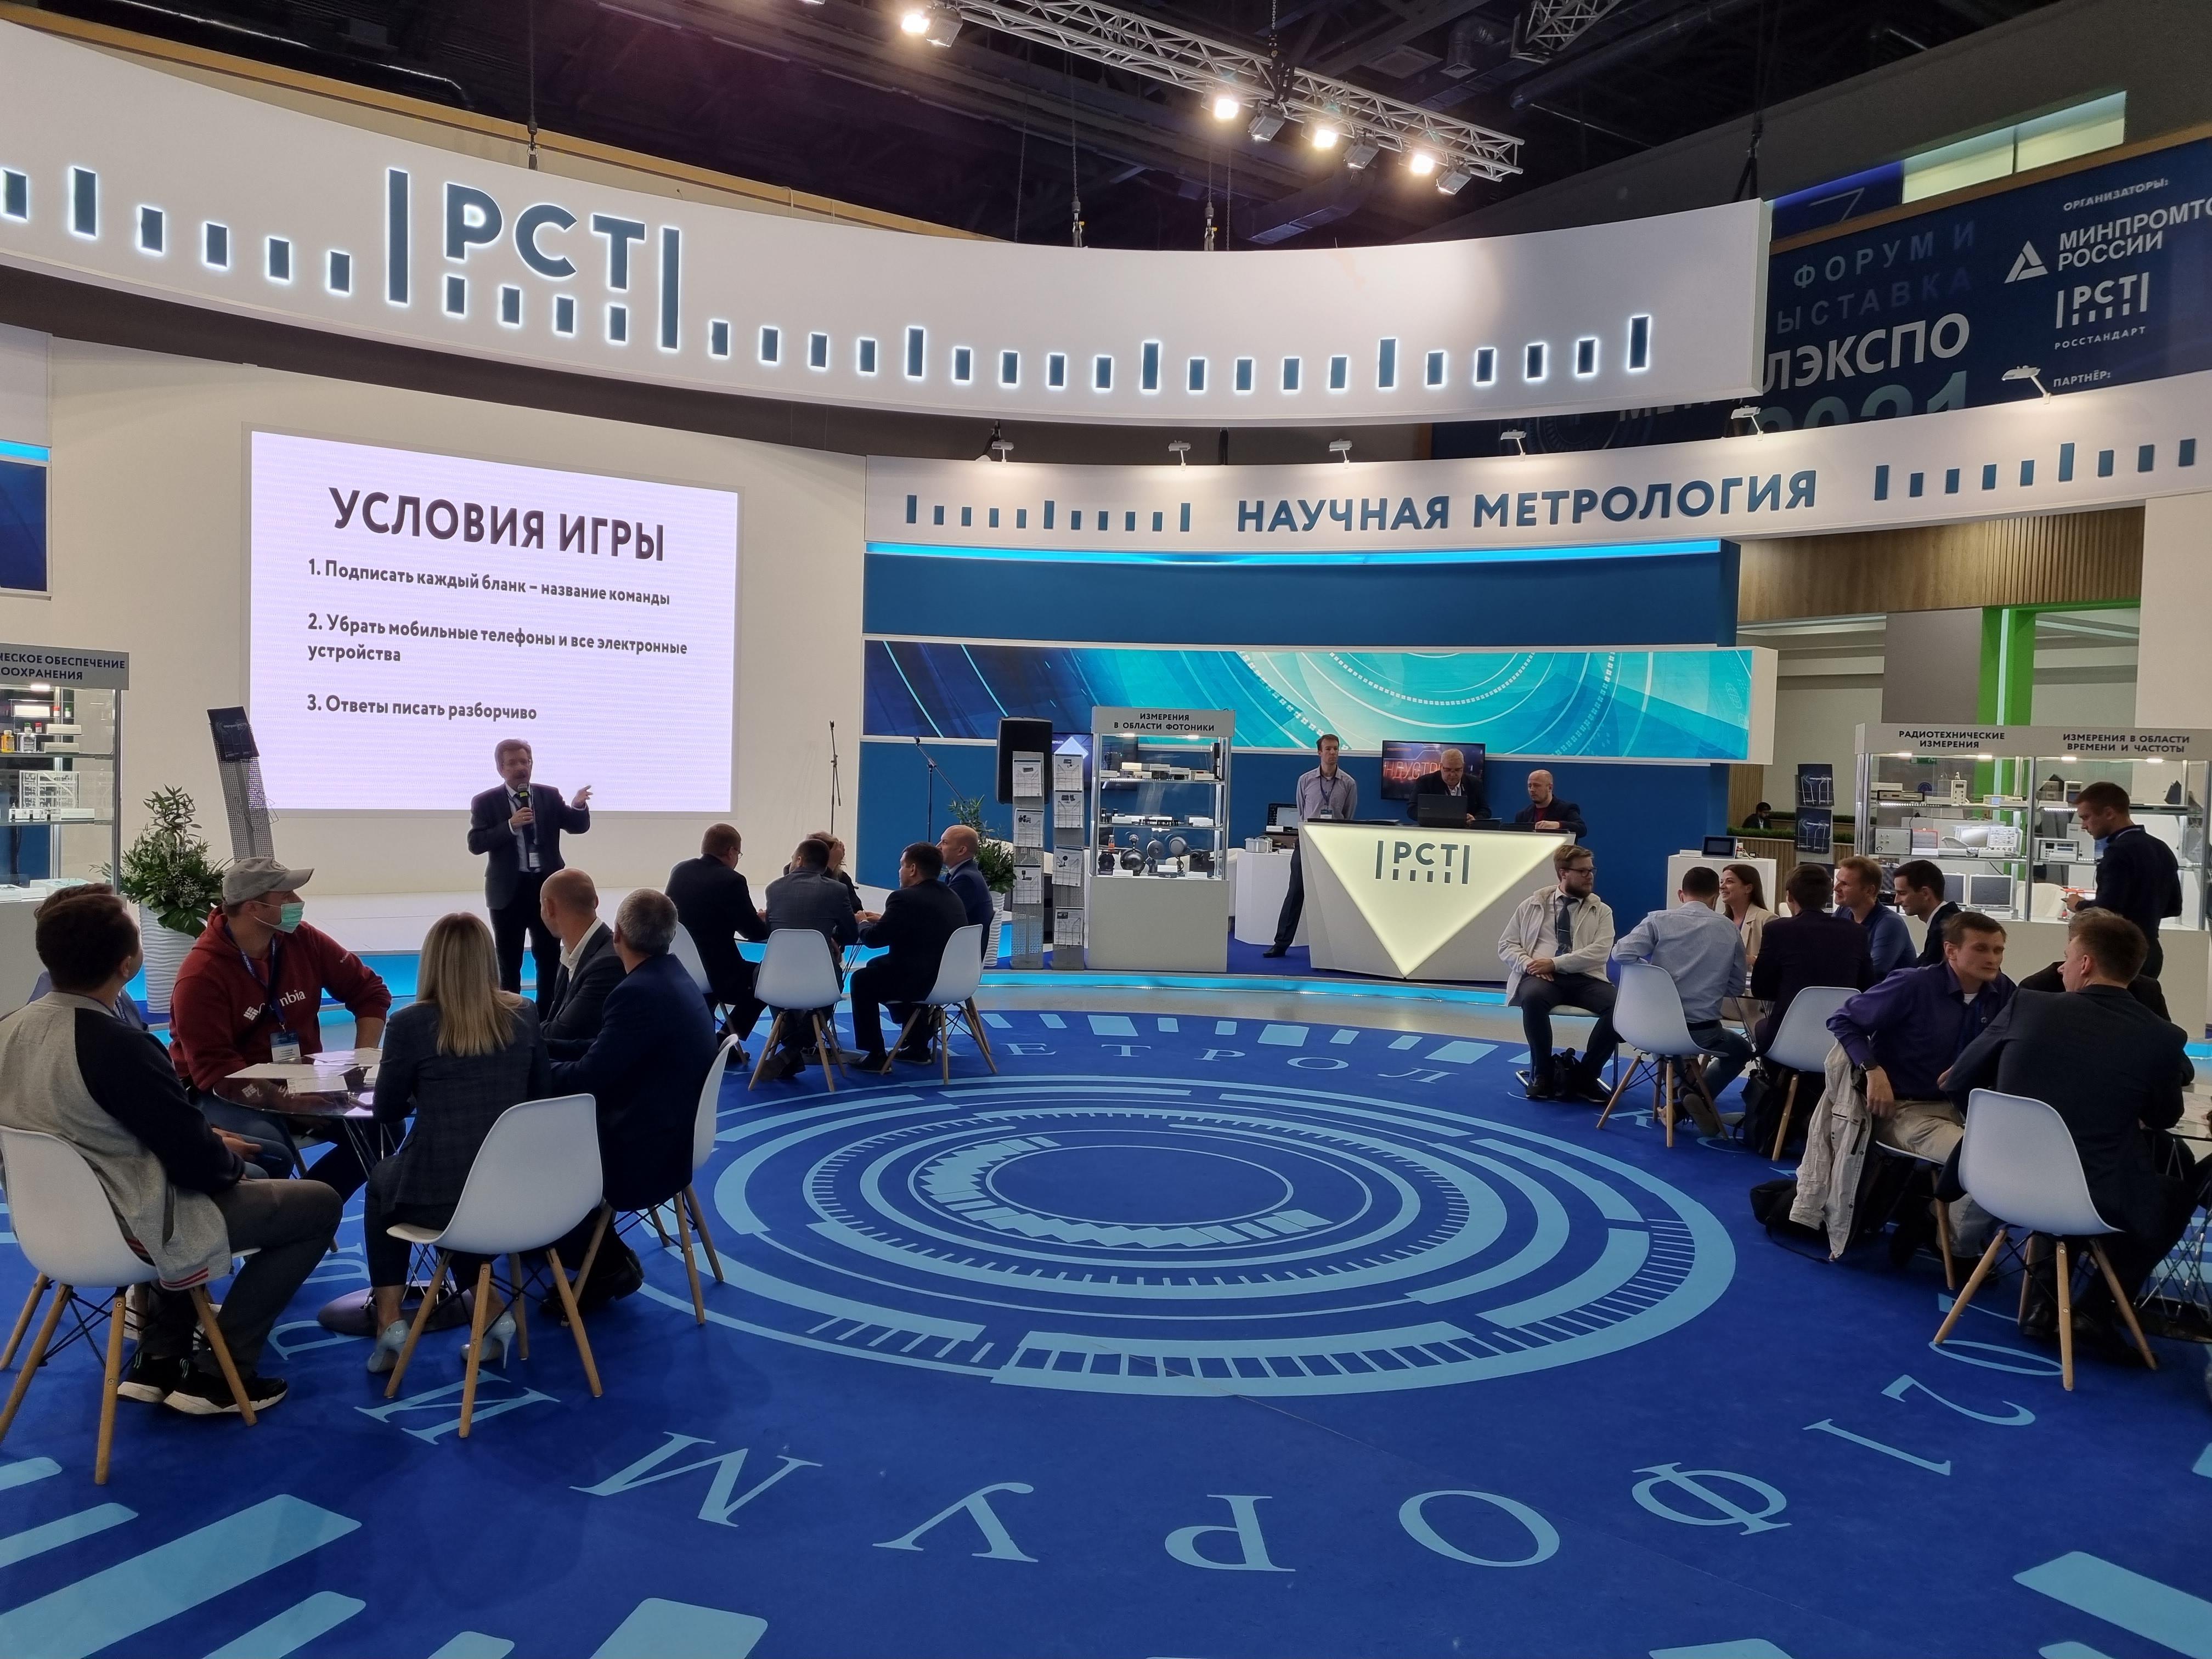 ЦСМ Республики Башкортостан провел метрологическую игру